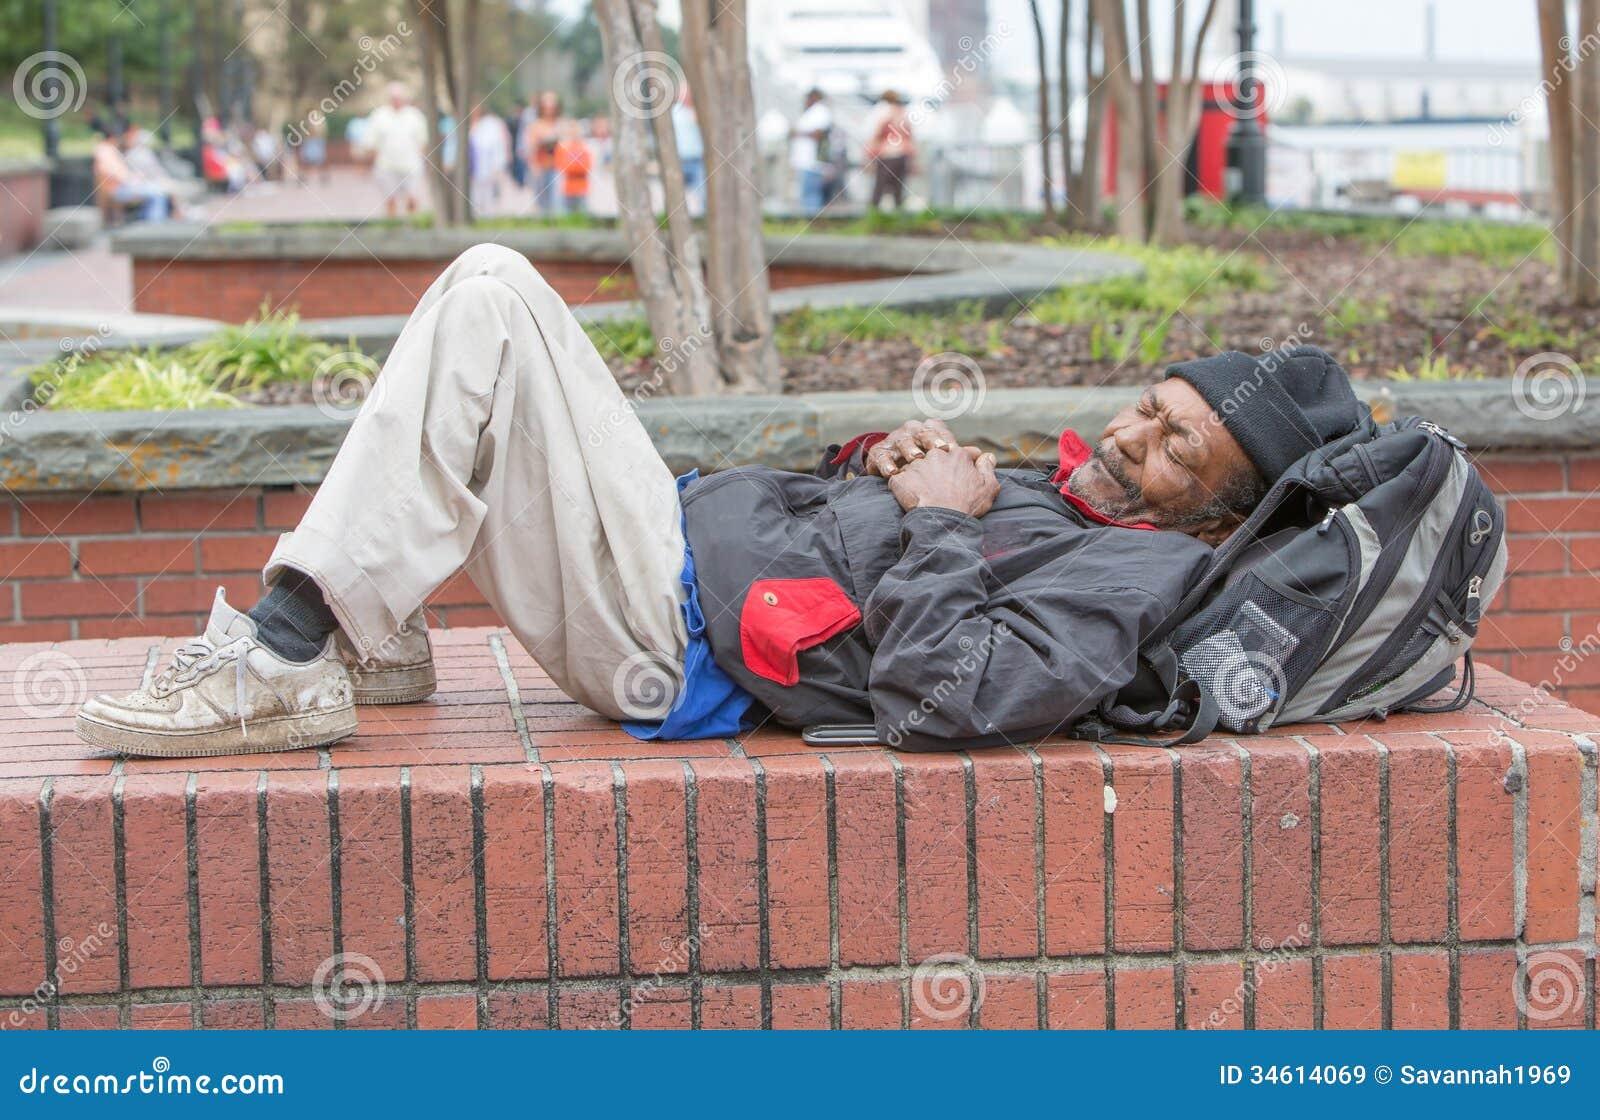 Obdachloses Mannschlafen des Afroamerikaners